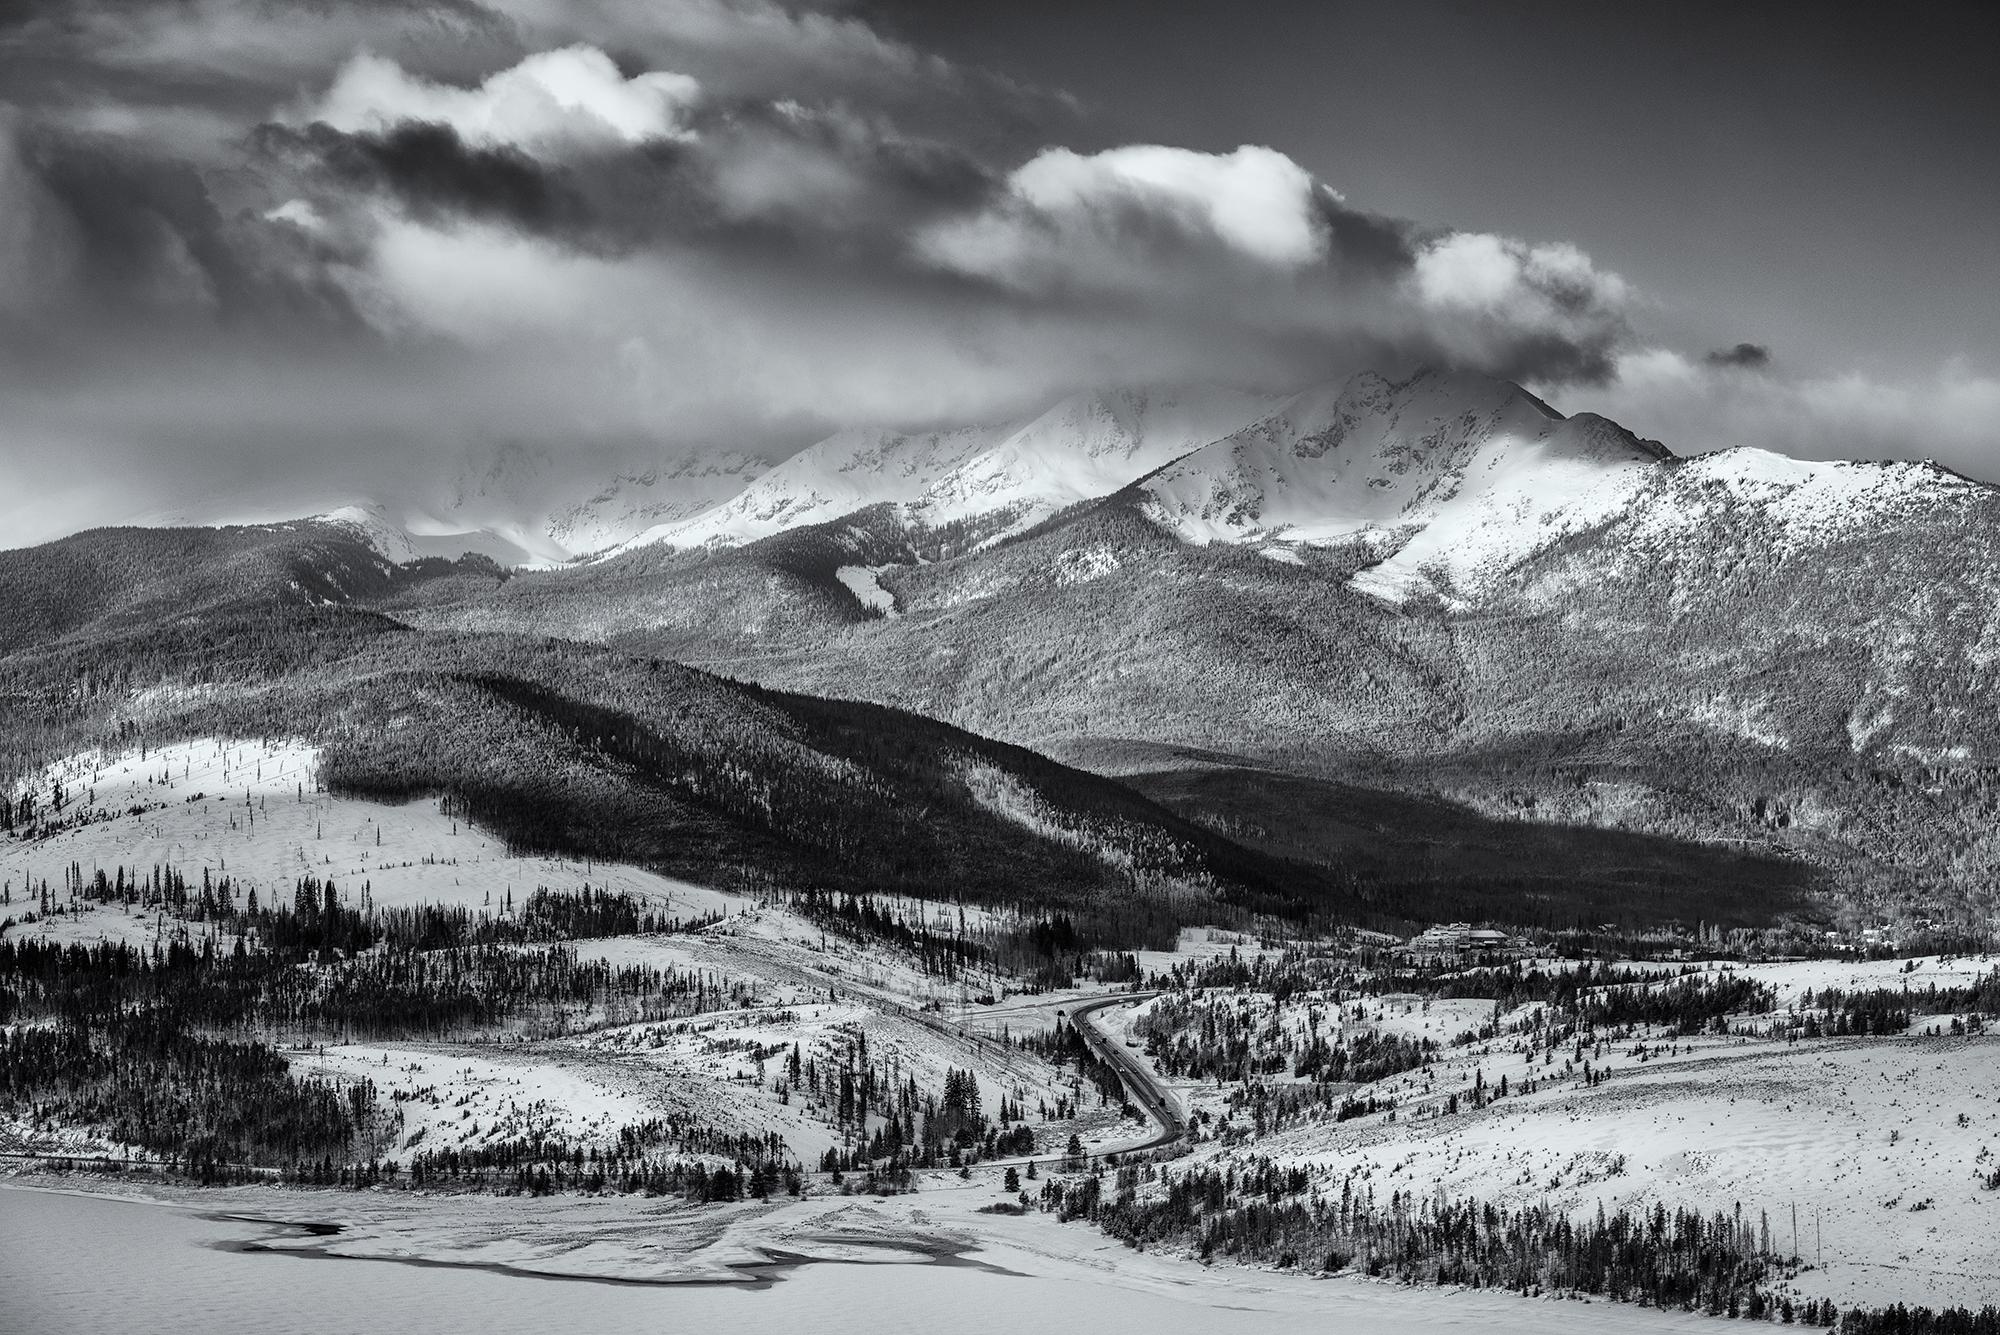 Tenmile Range in Cloud. Near Frisco, Colorado, 2017